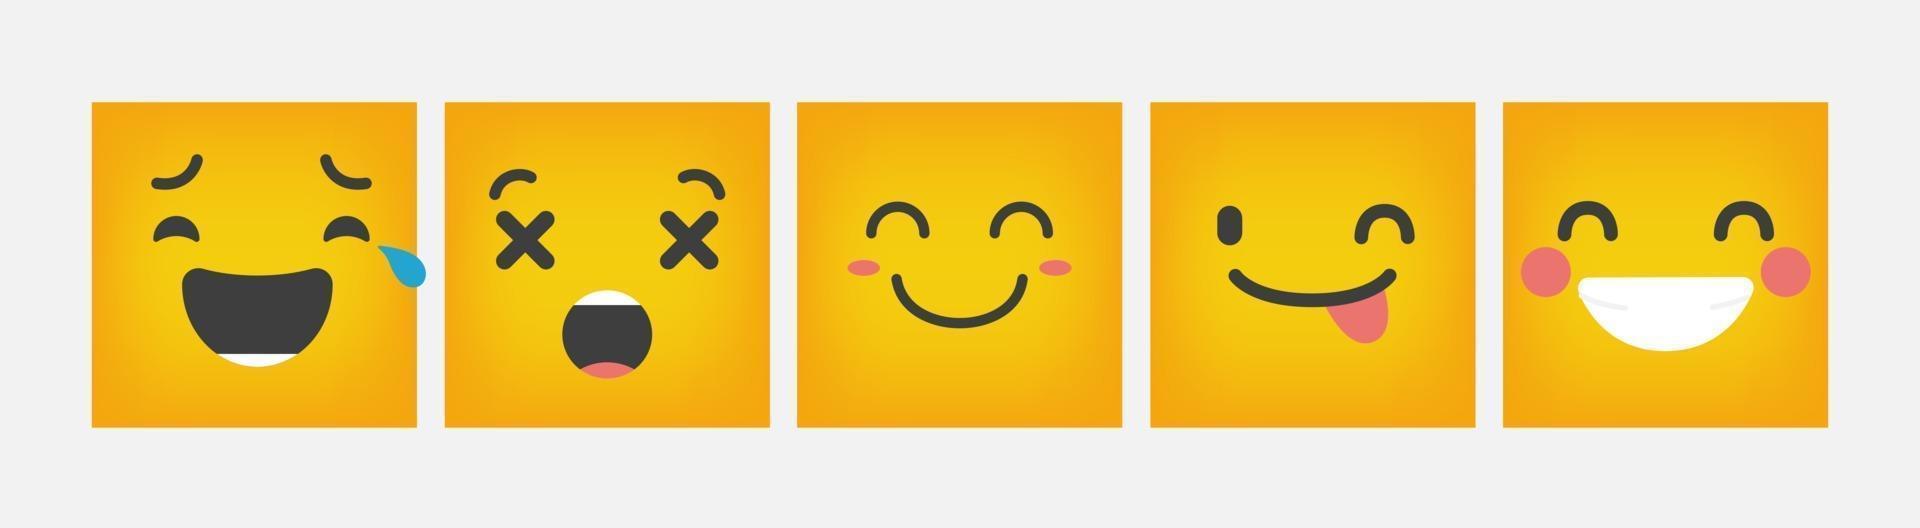 Emoticon di reazione quadrato design set piatto - vettore